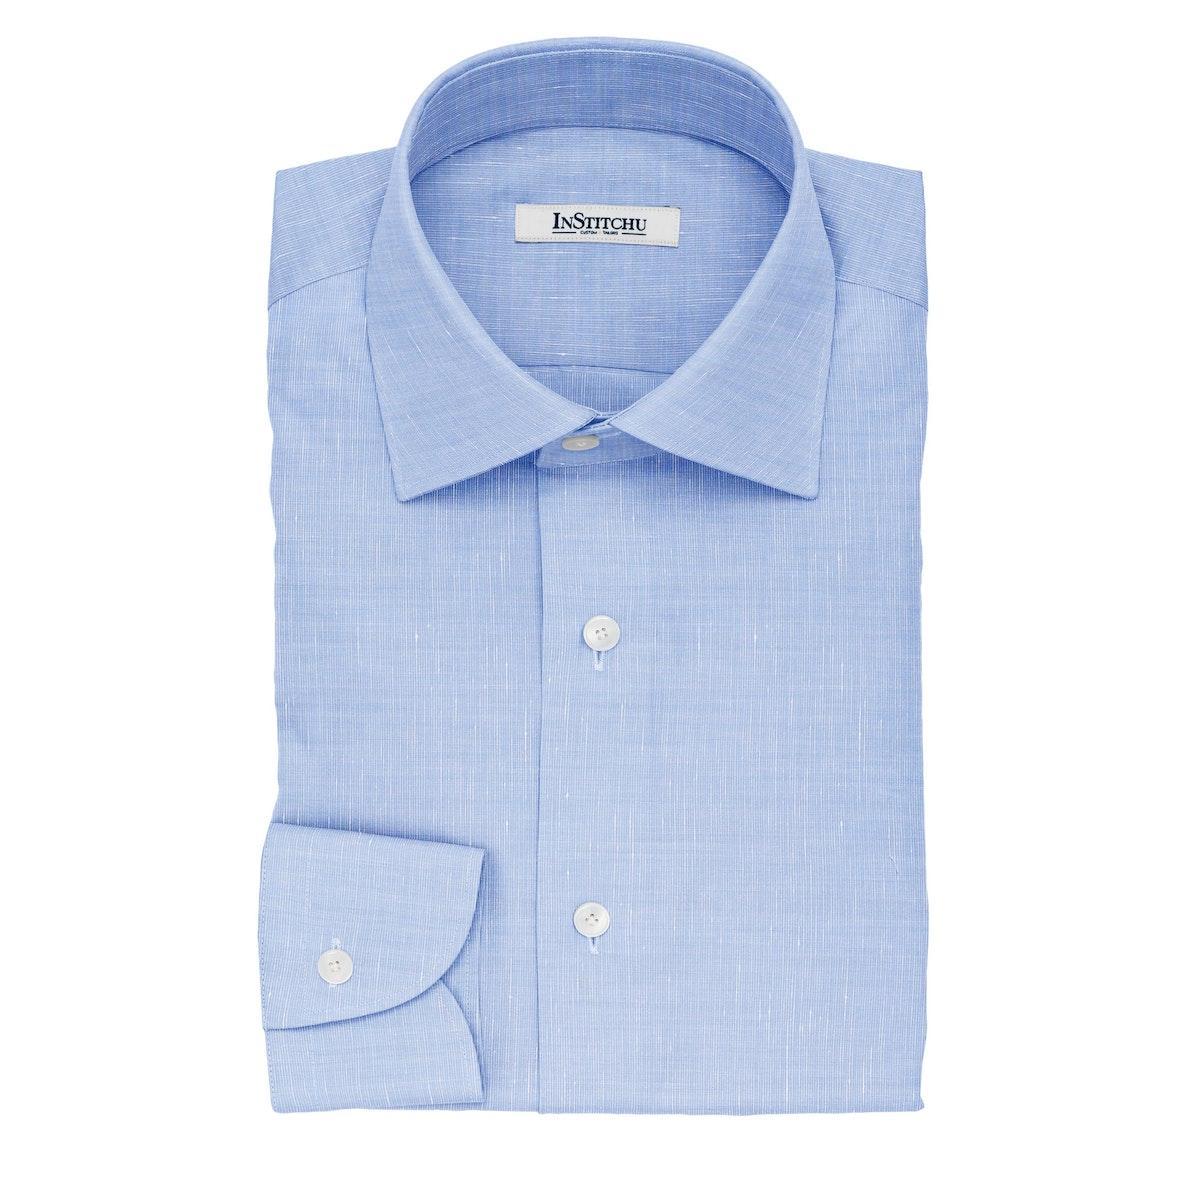 InStitchu Collection The Fitzgerald Blue Cotton Linen Blend Shirt